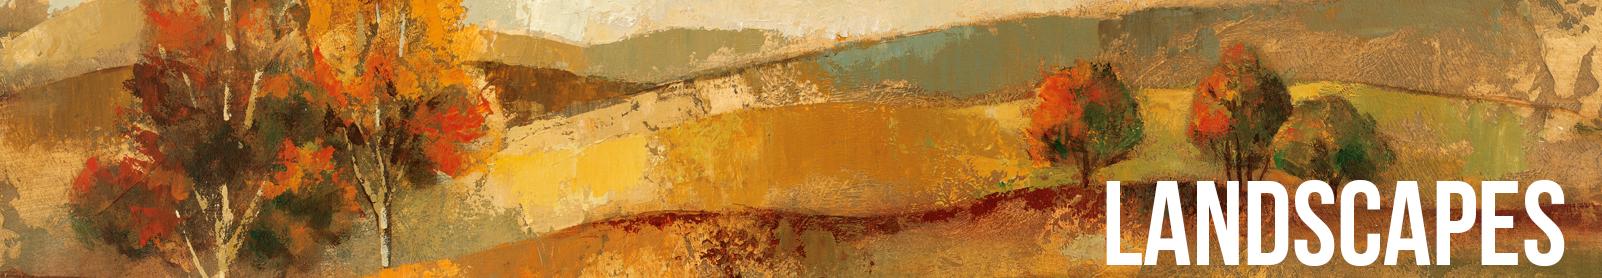 landscapes-small-banner-v.jpg